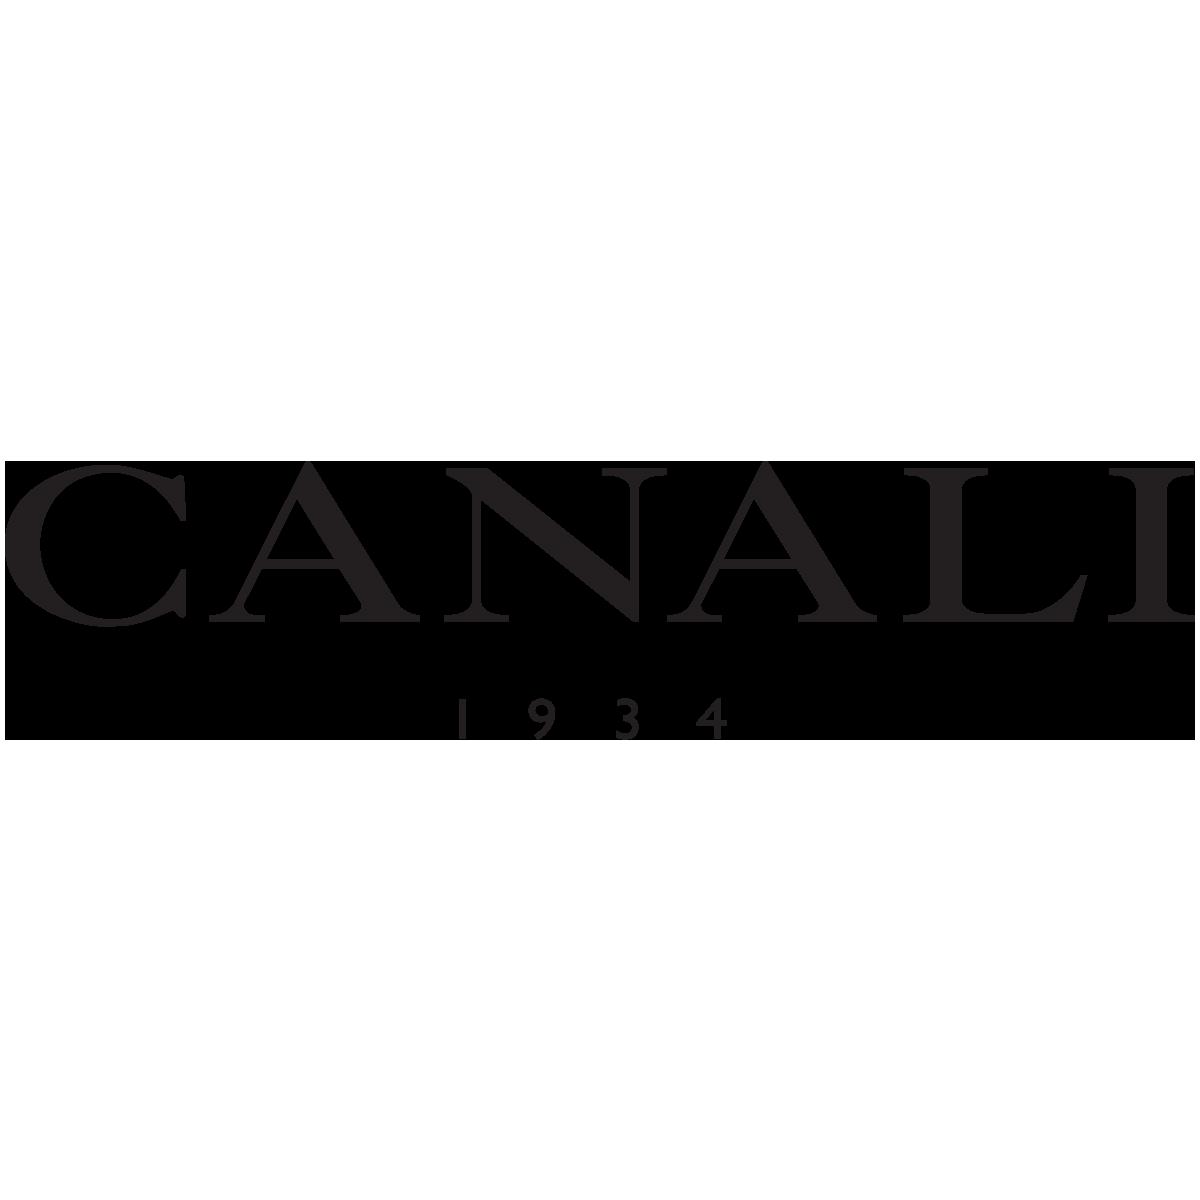 Canali Boutique - Wafi Mall